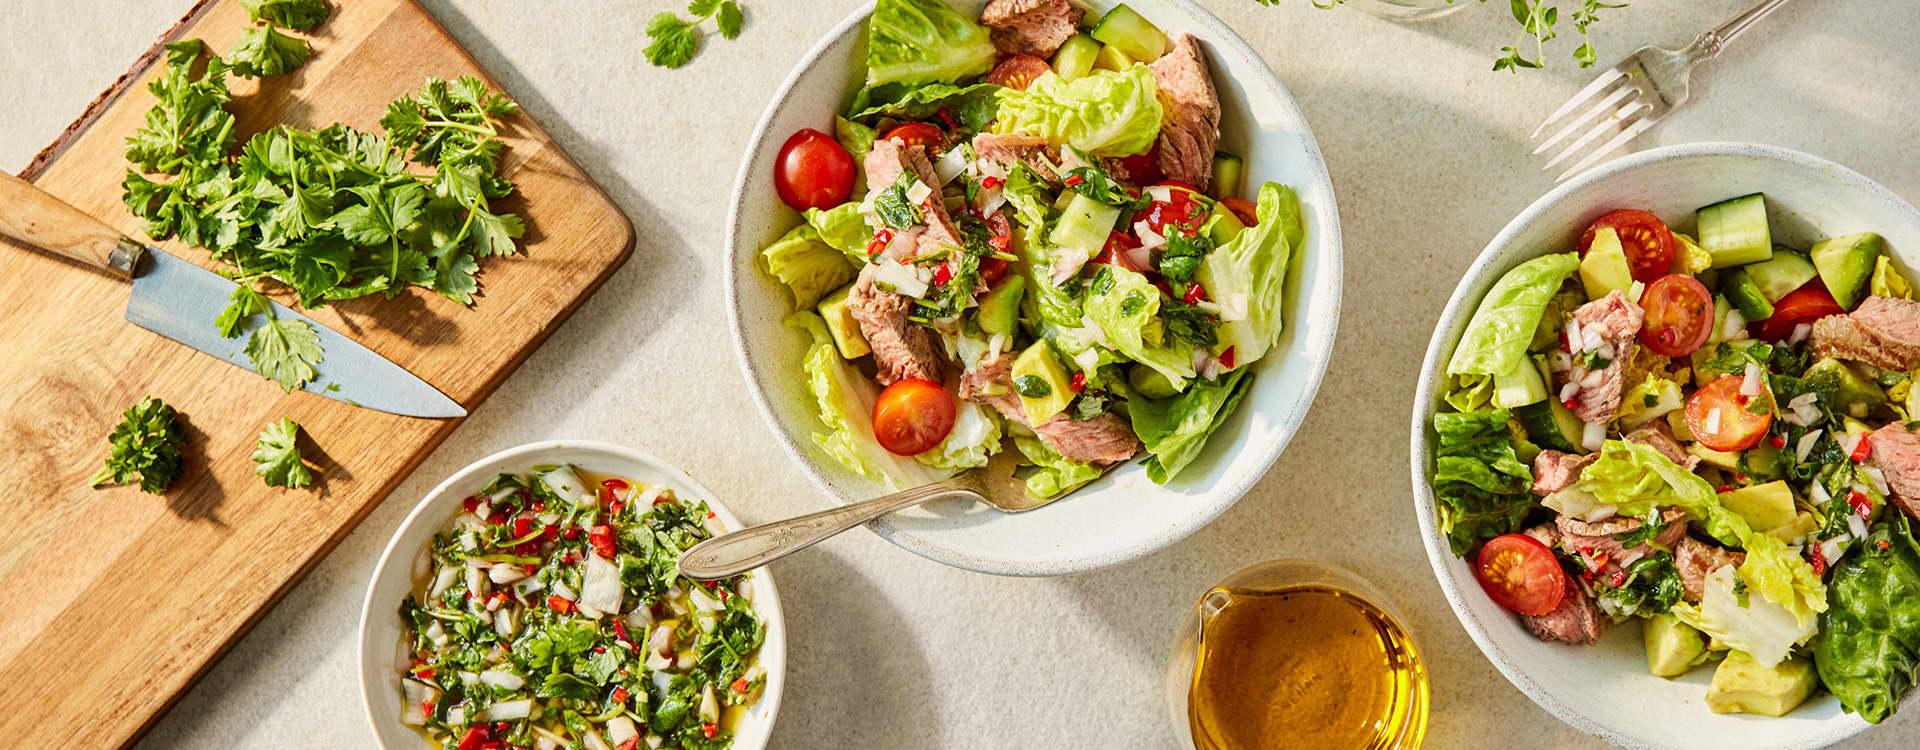 Grillmat og salat passer perfekt sammen.